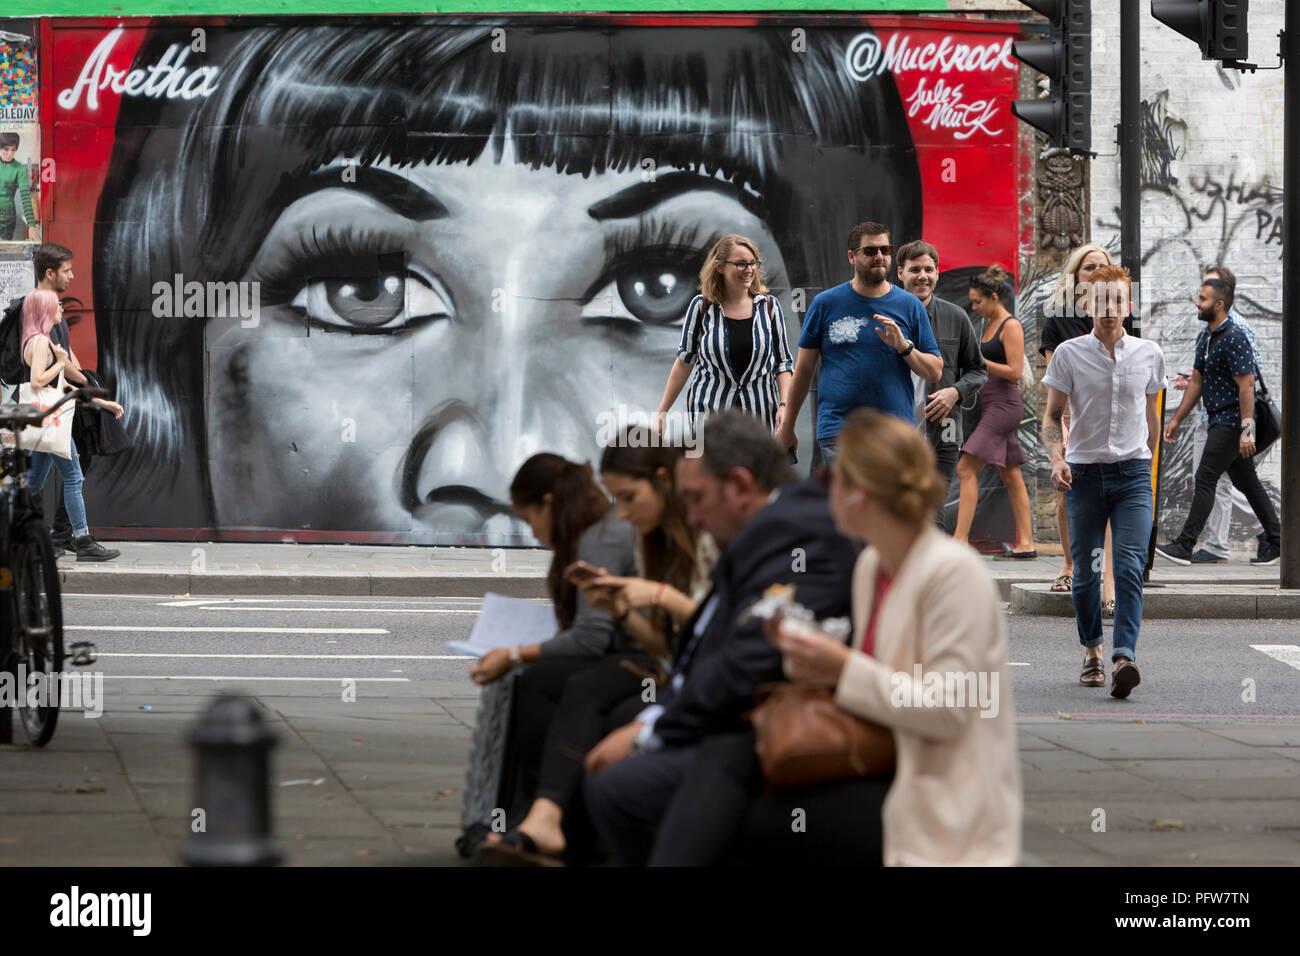 Los londinenses camina más allá de un reciente mural en Shoreditch (por artista Jules Muck) del Alma Reina Aretha Franklin fallecido pocos días antes, el 20 de agosto de 2018, en Londres, Inglaterra. Imagen De Stock